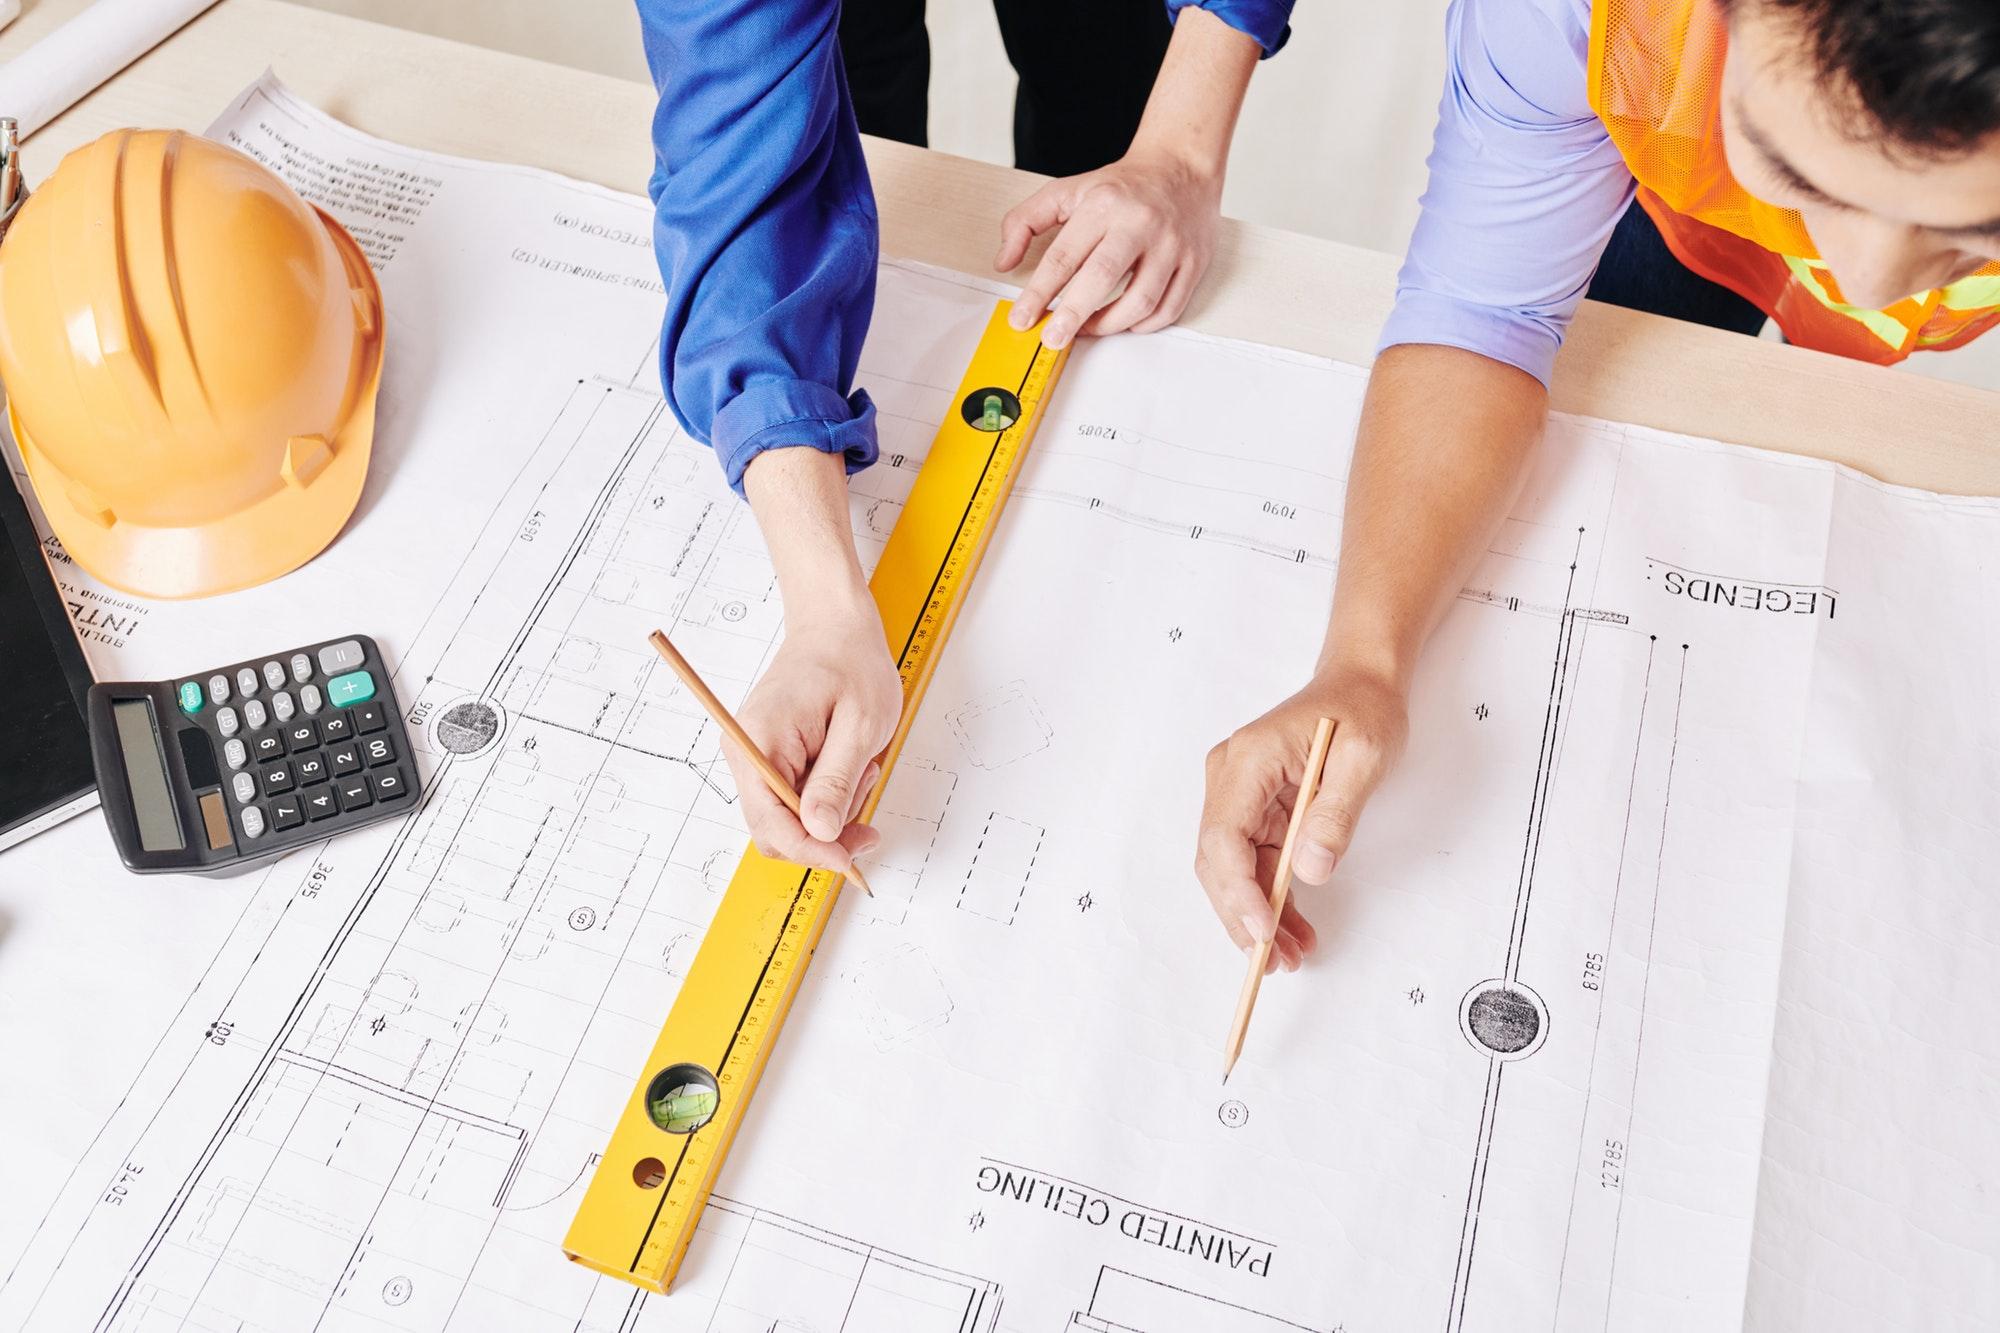 Brasil se prepara para acelerada da construção civil em 2020